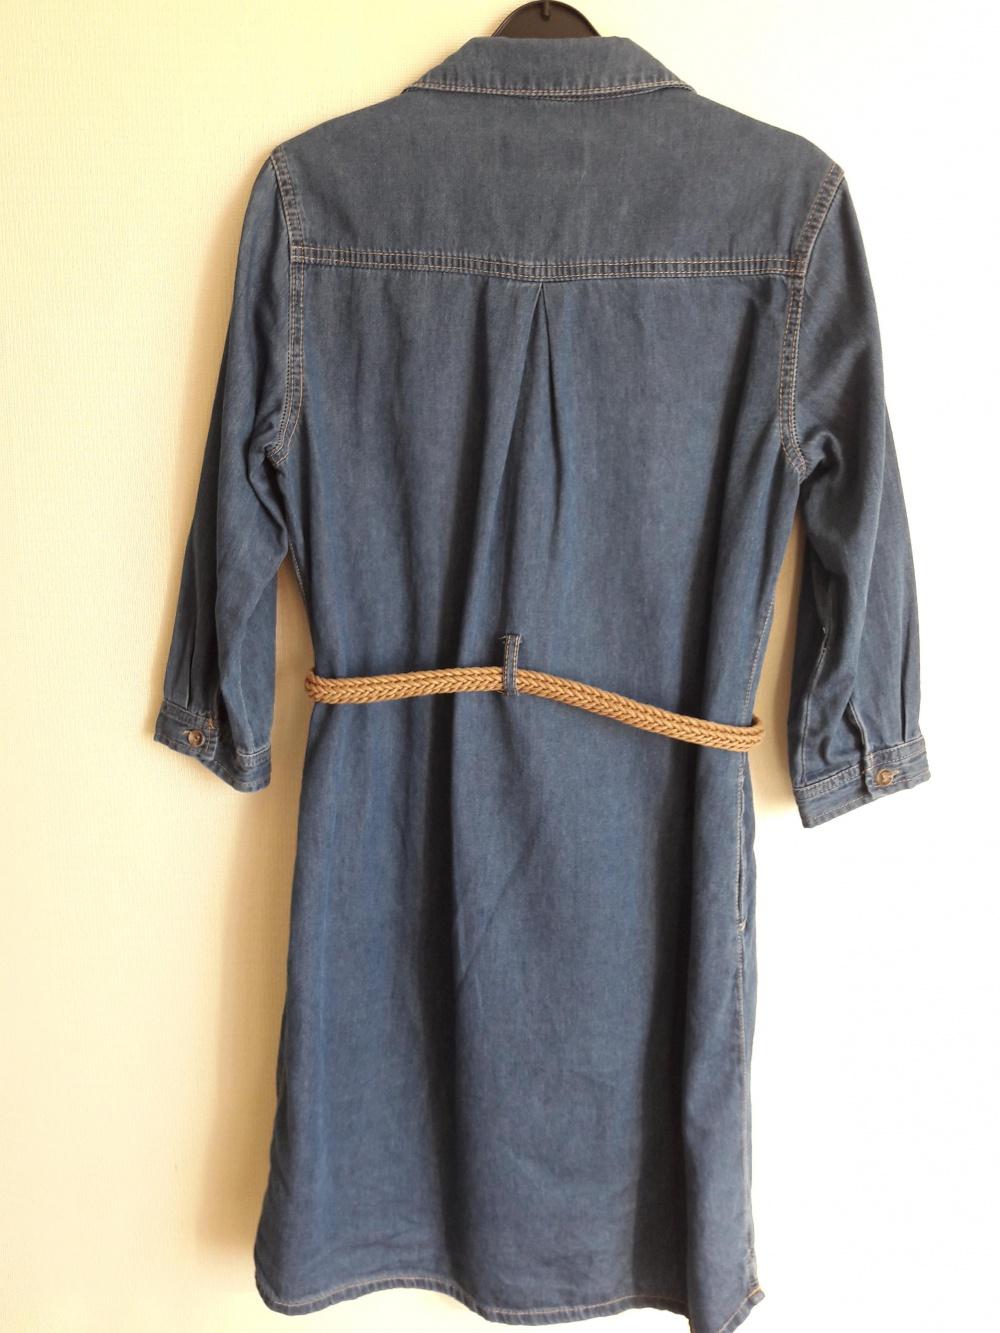 Джинсовое платье размер 44